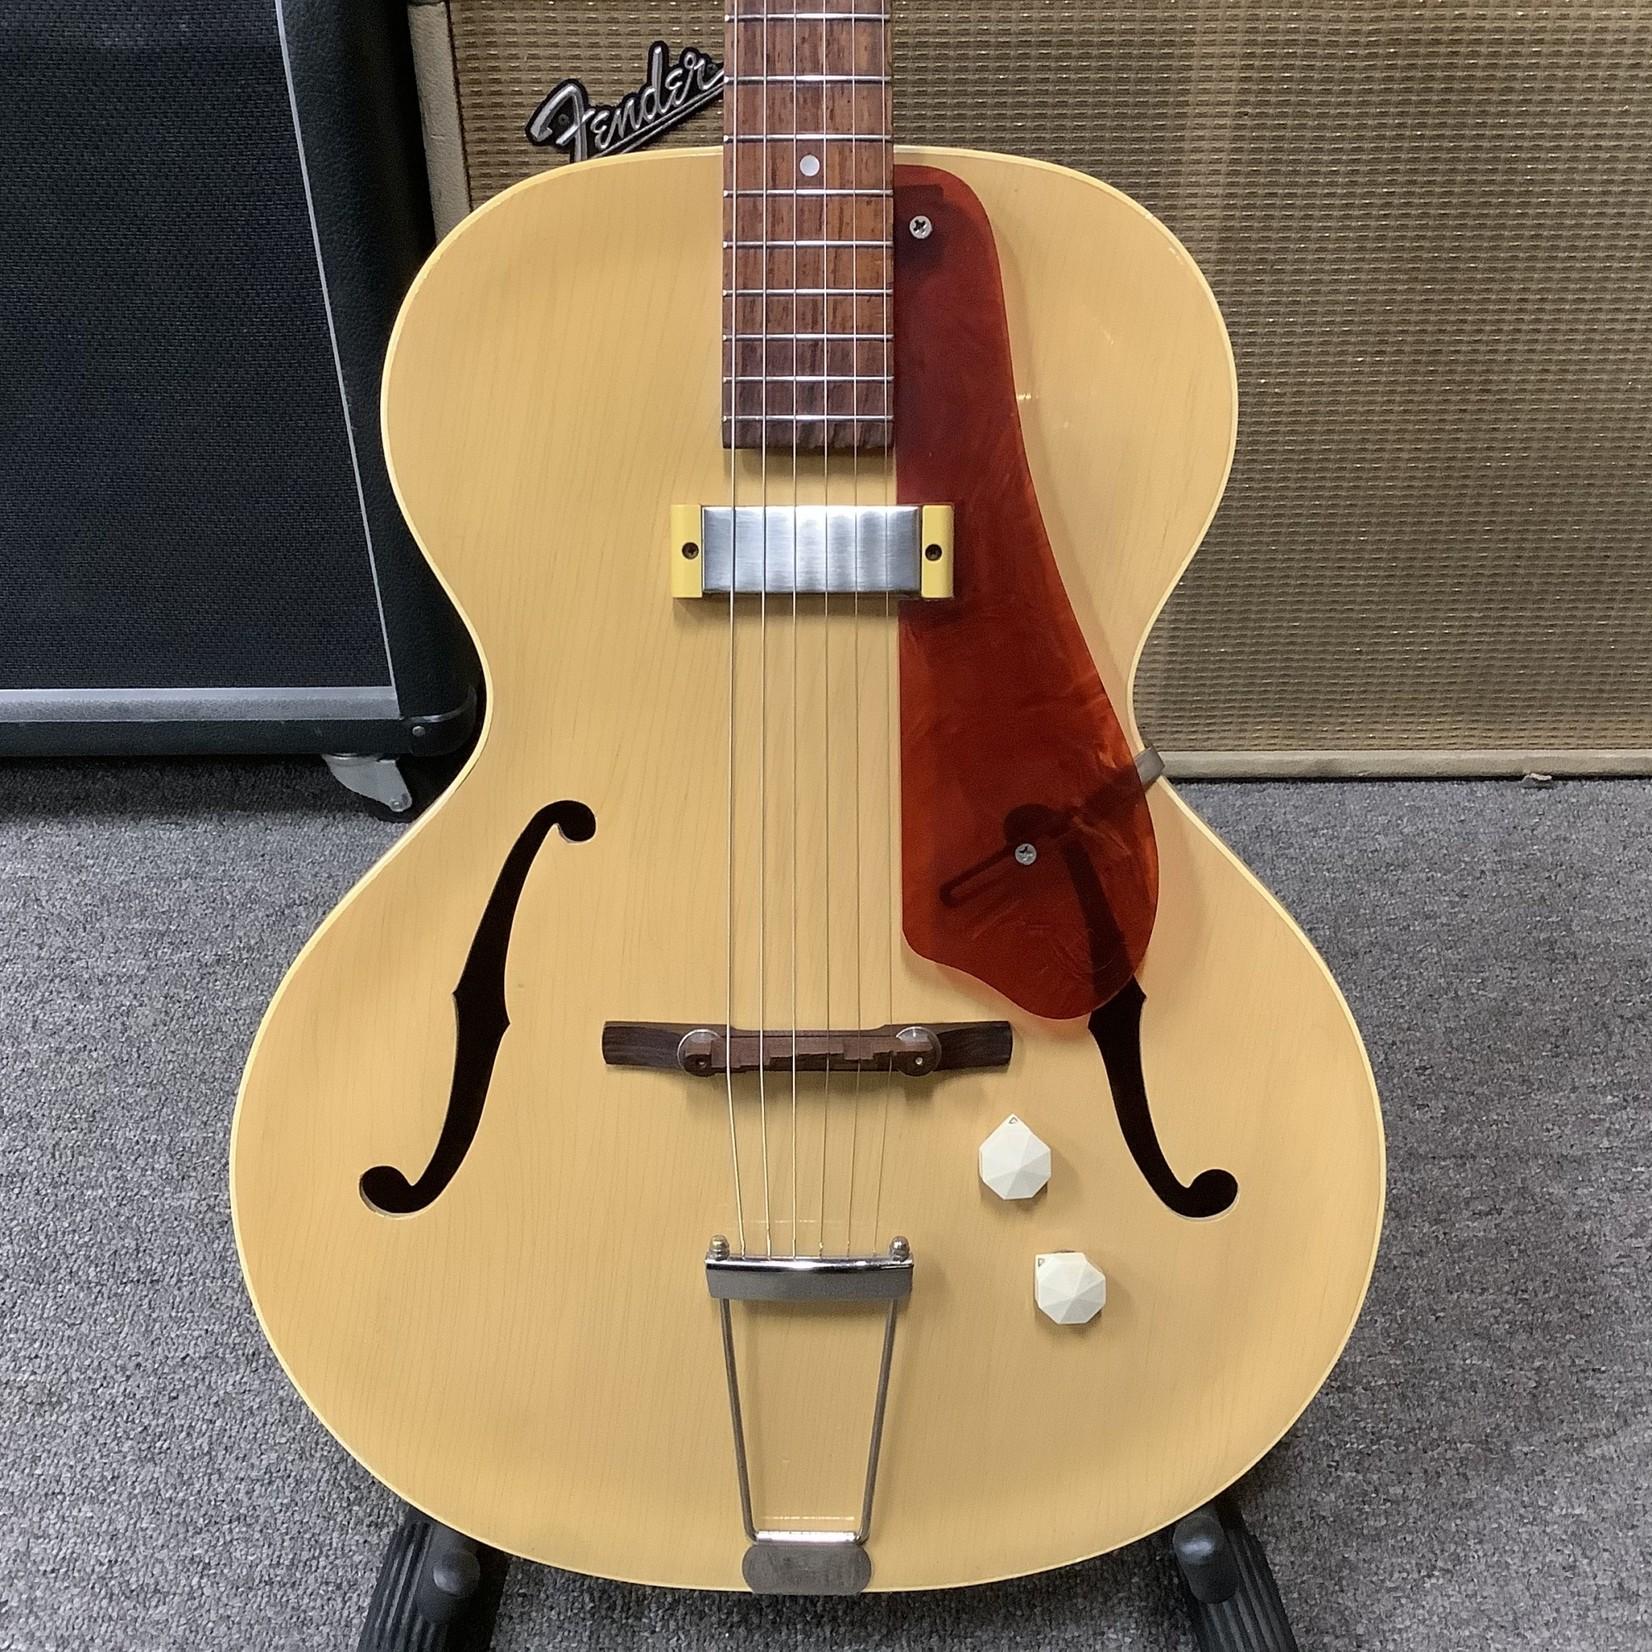 Epiphone 1955 Epiphone Century Blonde F-Hole New York Pickup